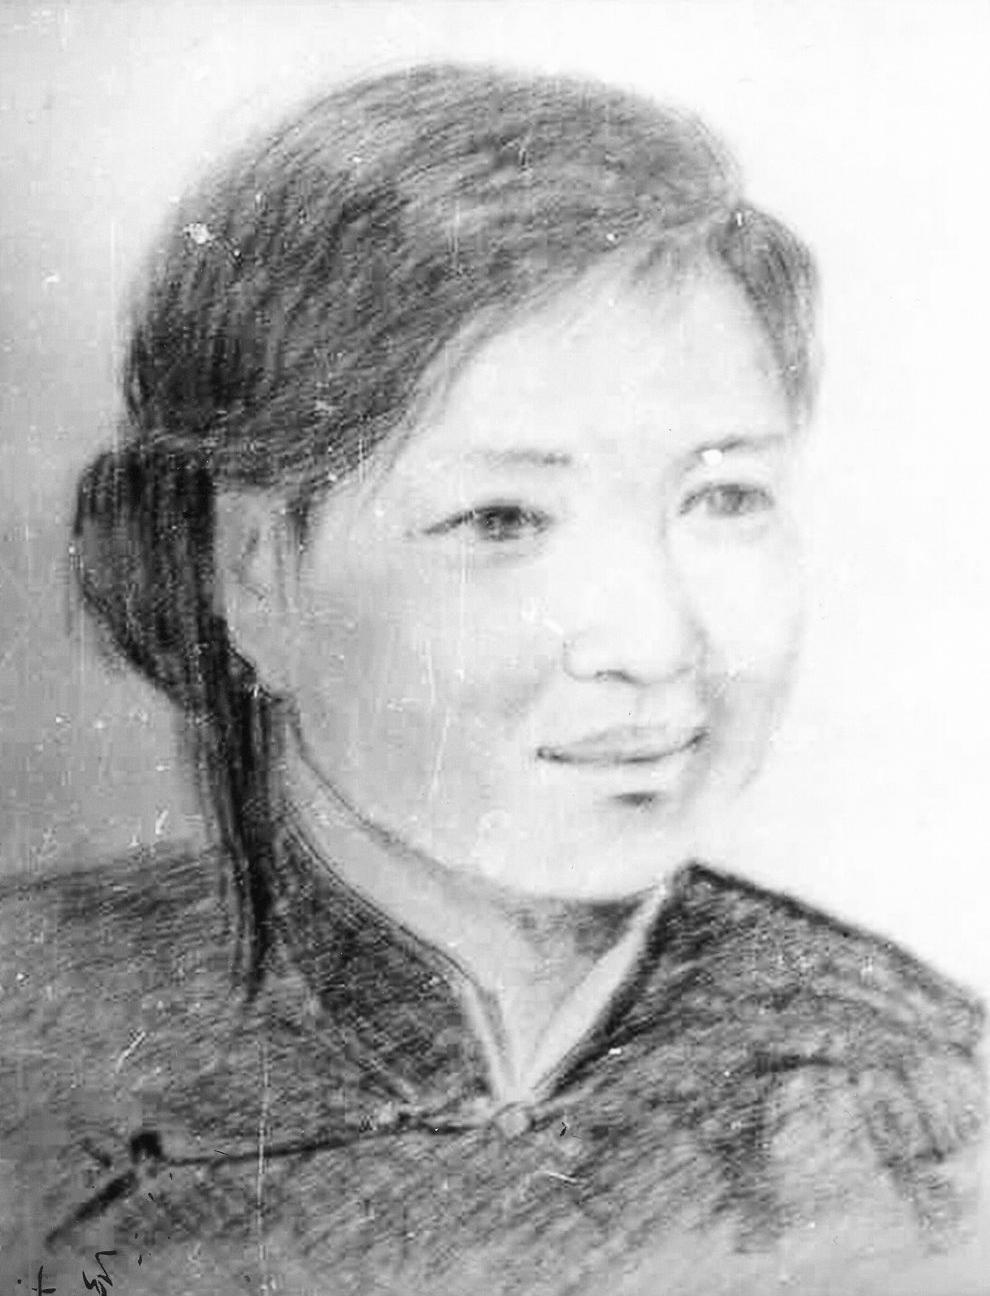 【百年党史·滨州英杰】刘胡兰式的烈士吴洪英:严守秘密慷慨赴死